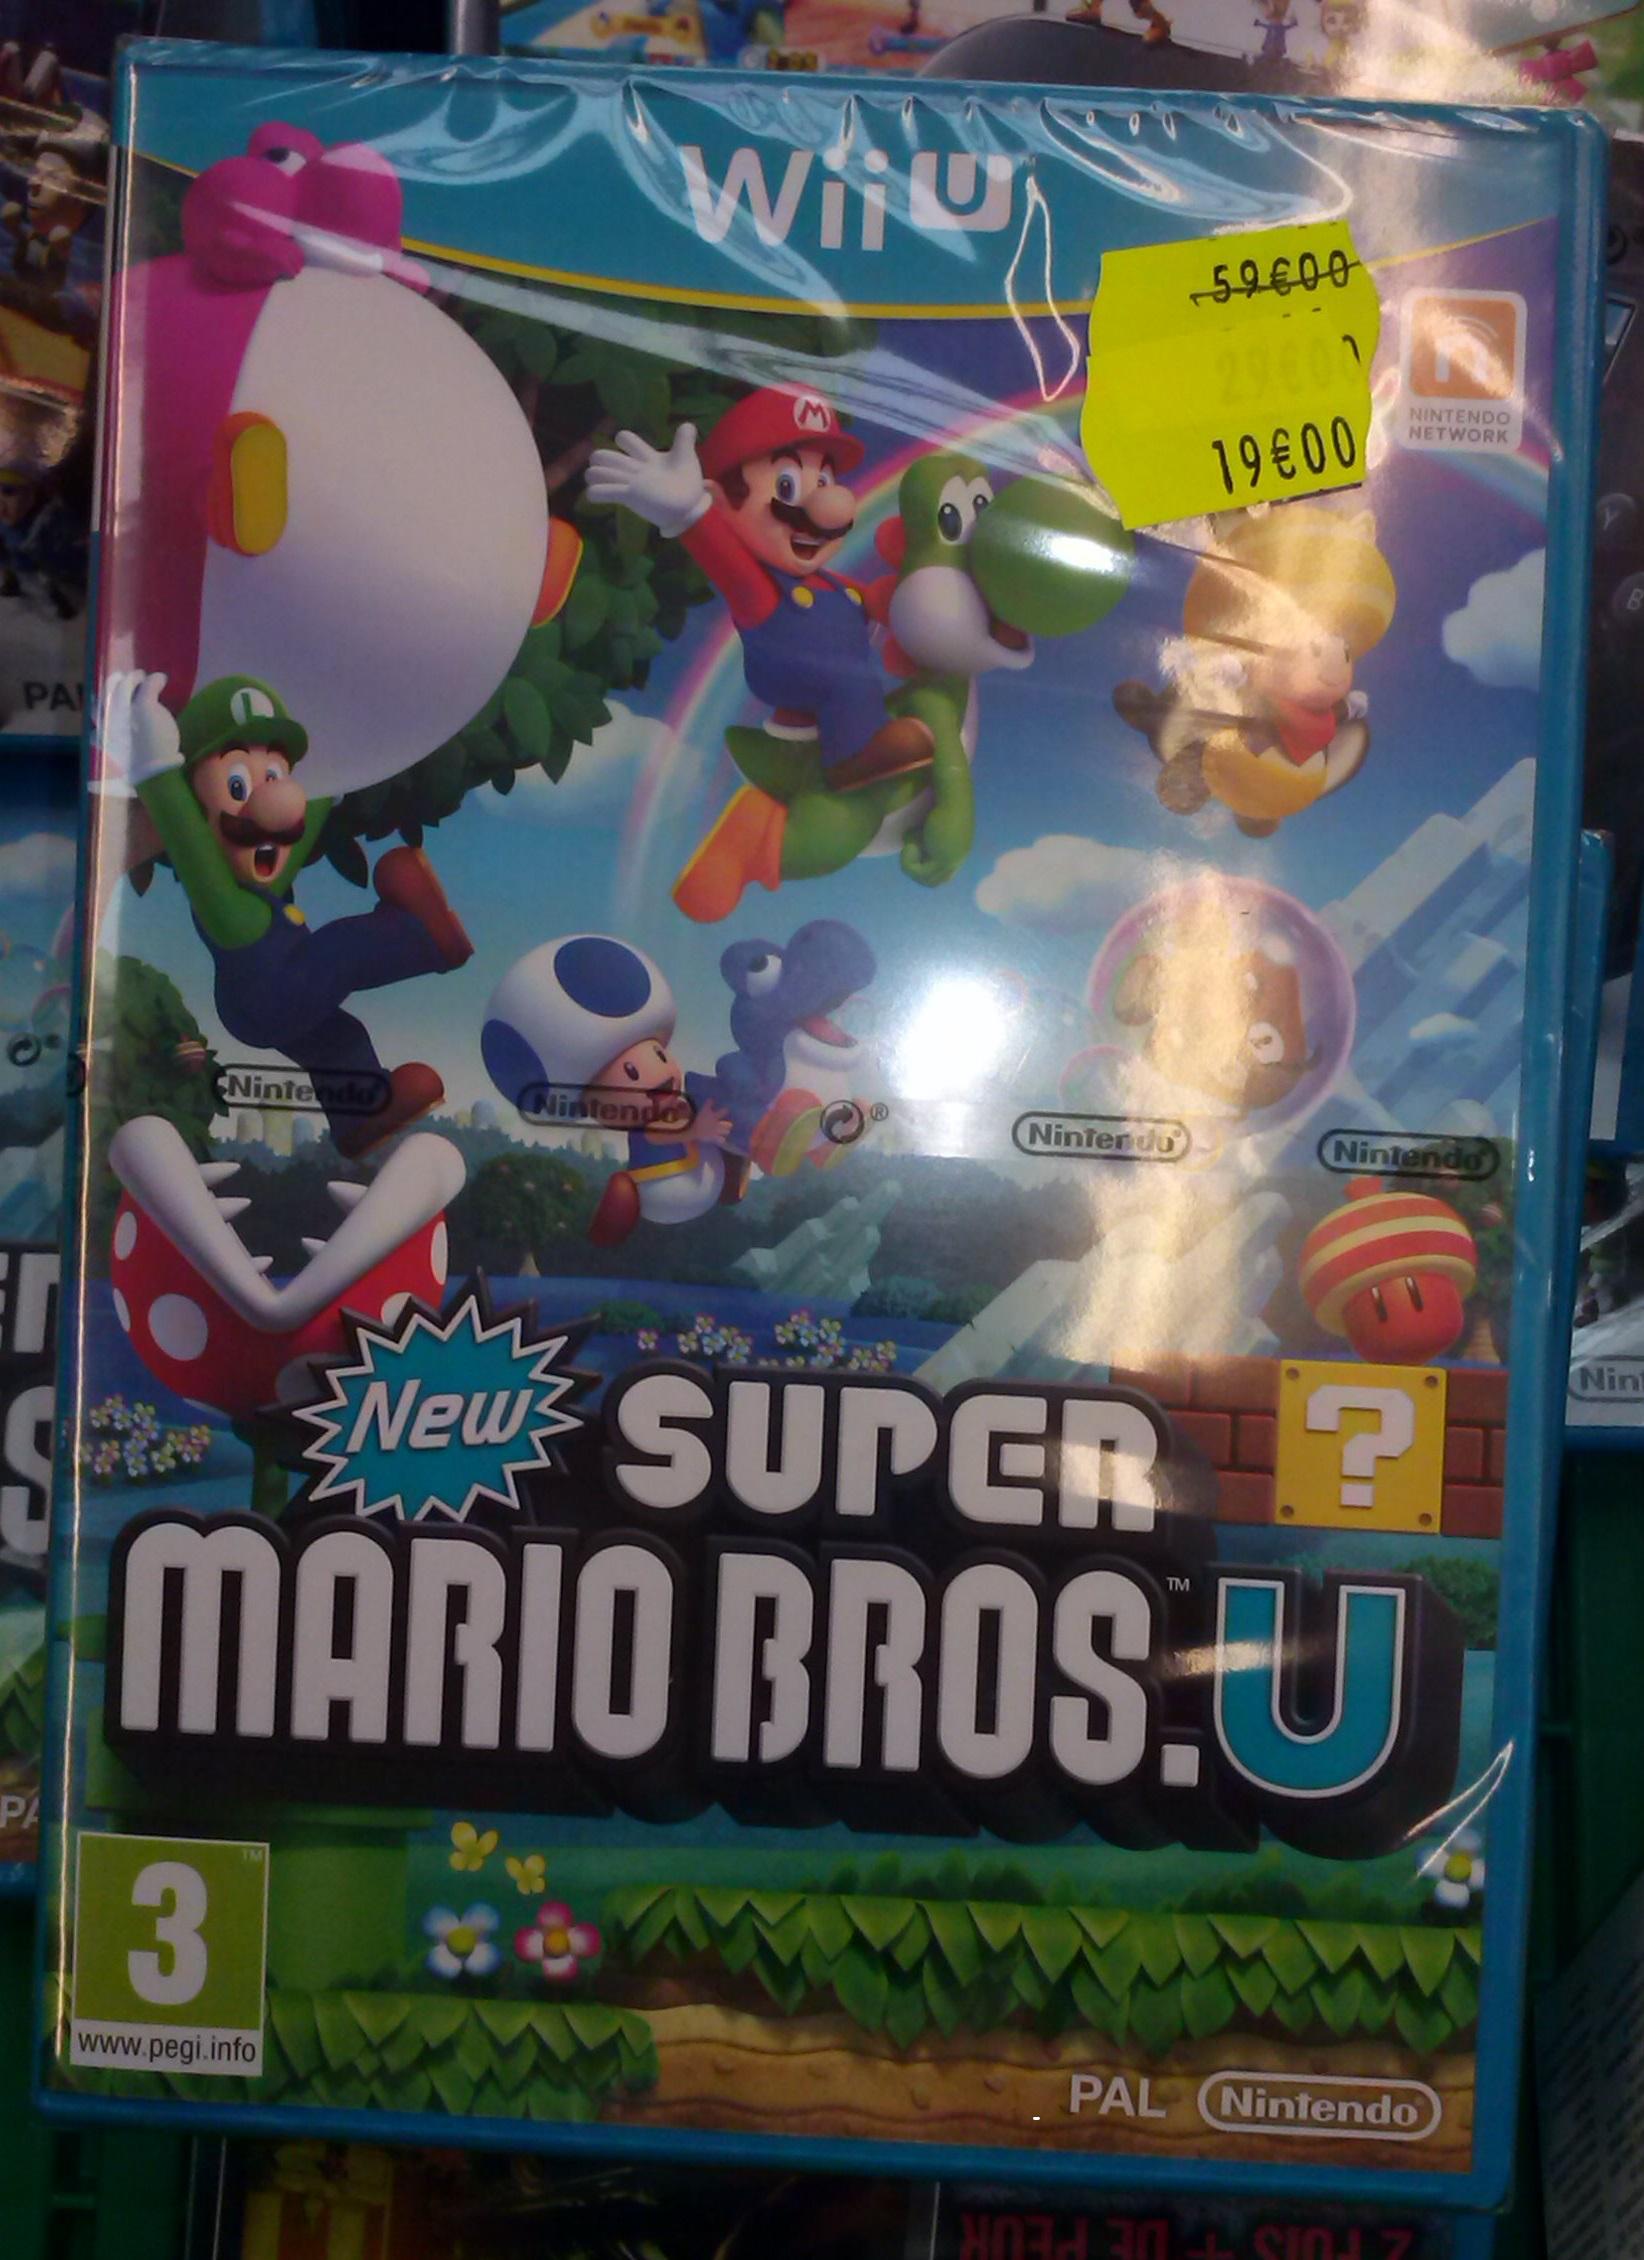 New Super Mario Bros.U pour console Nintendo Wii U